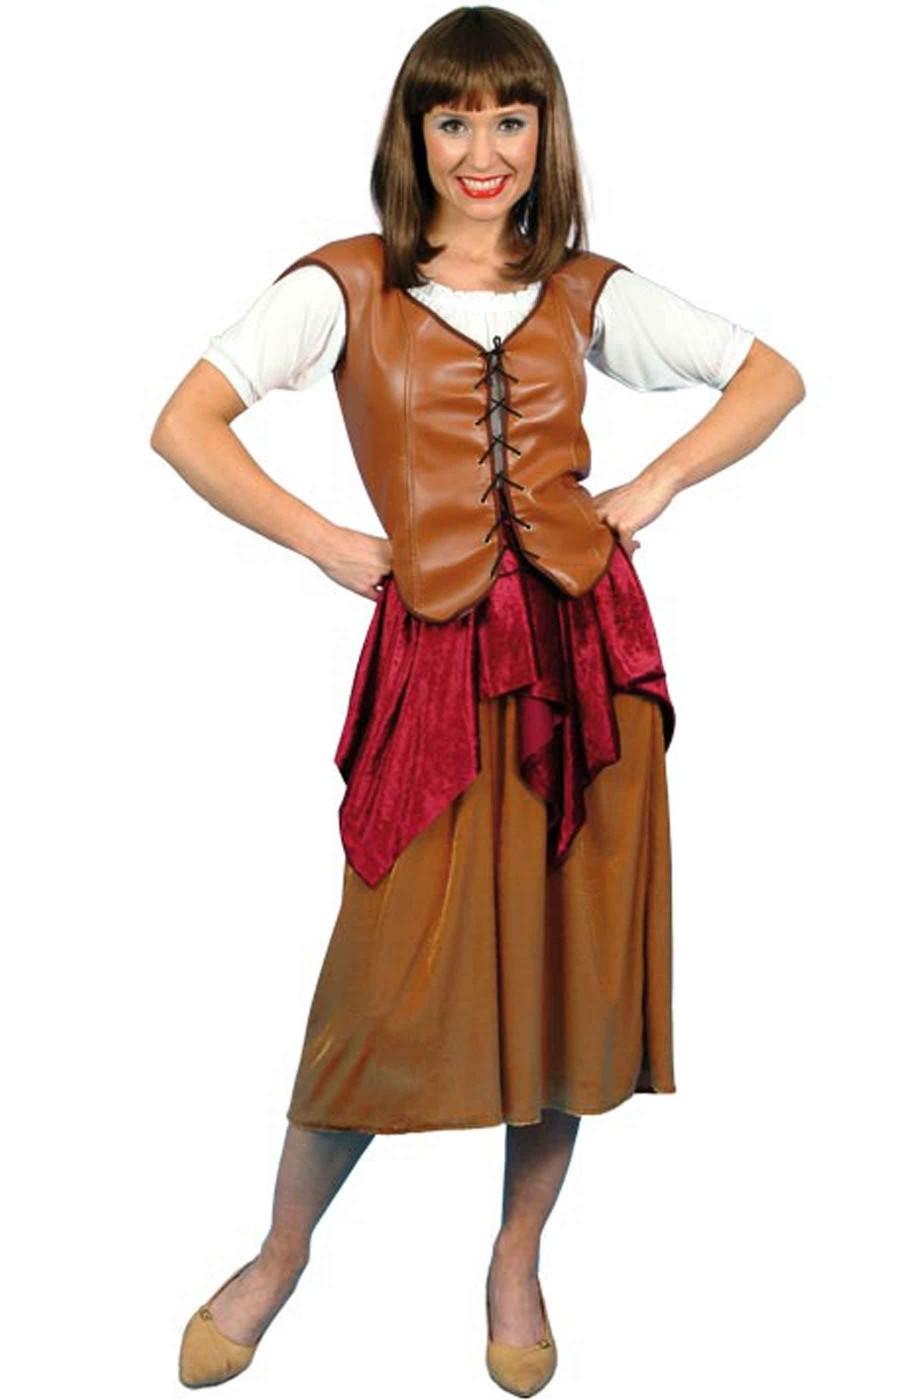 Vestito di carnevale donna pirata corsara bucaniere zingara popolana 571e5794752